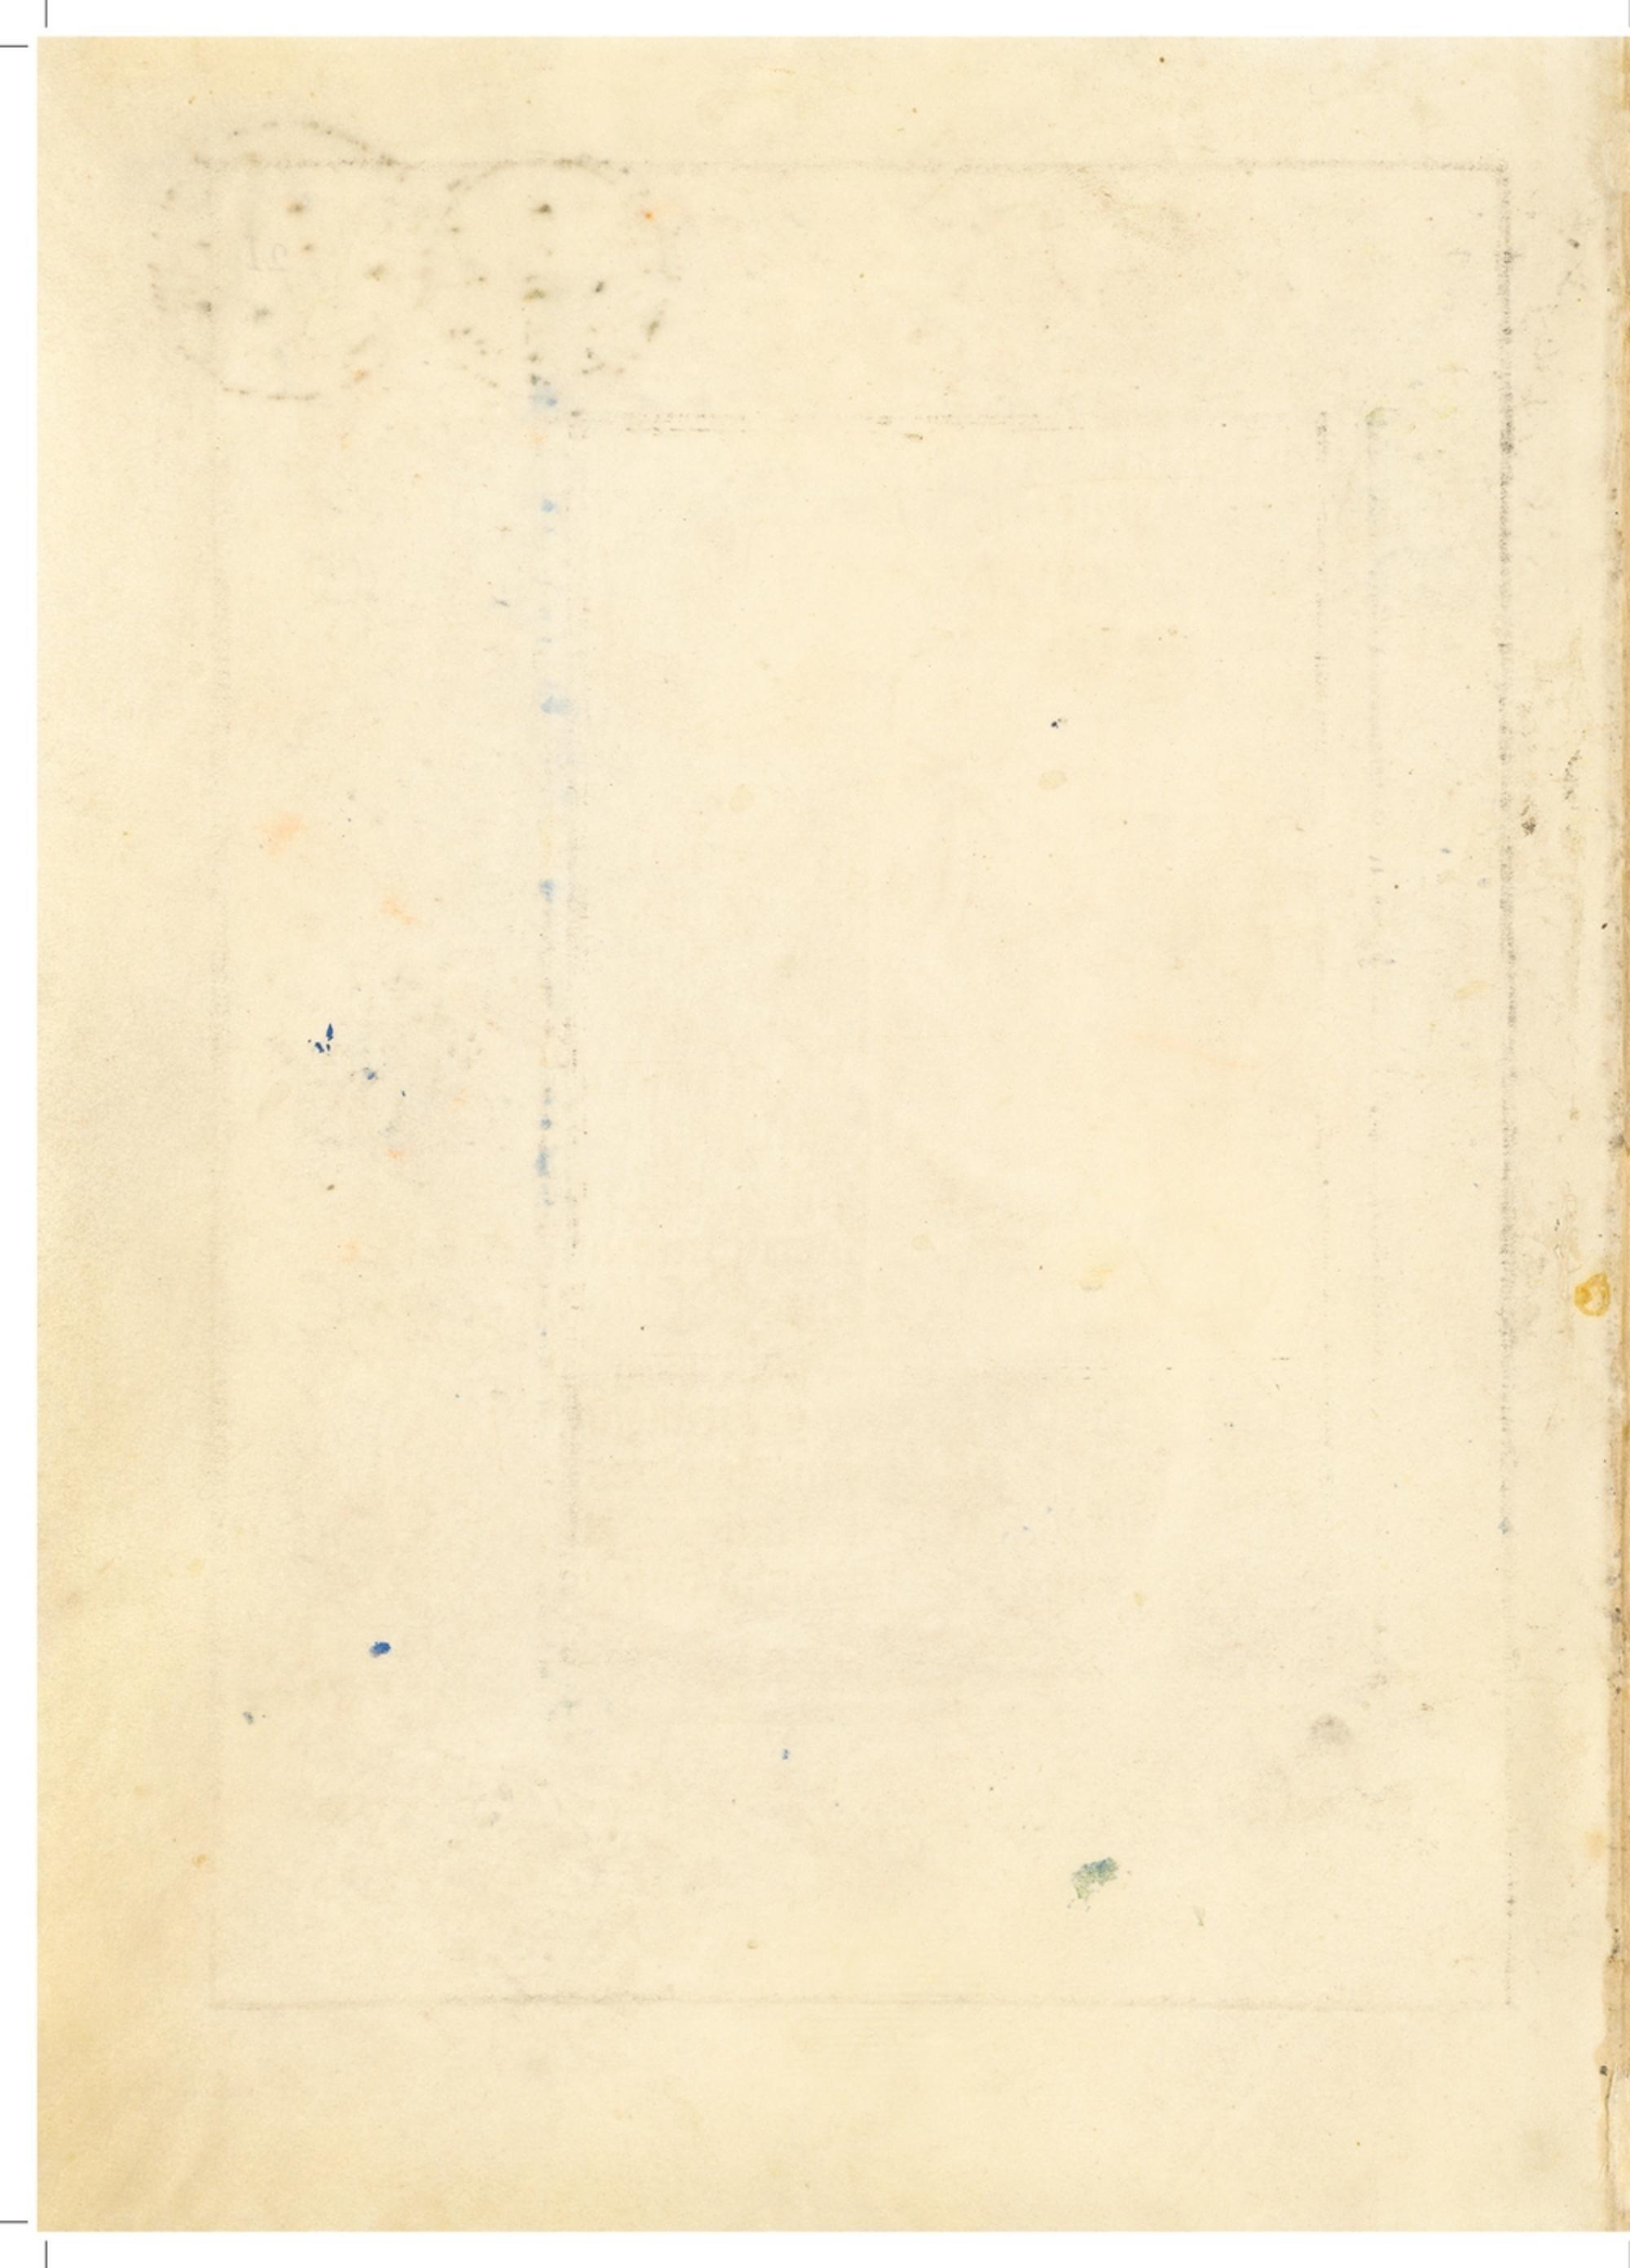 Folio 21v